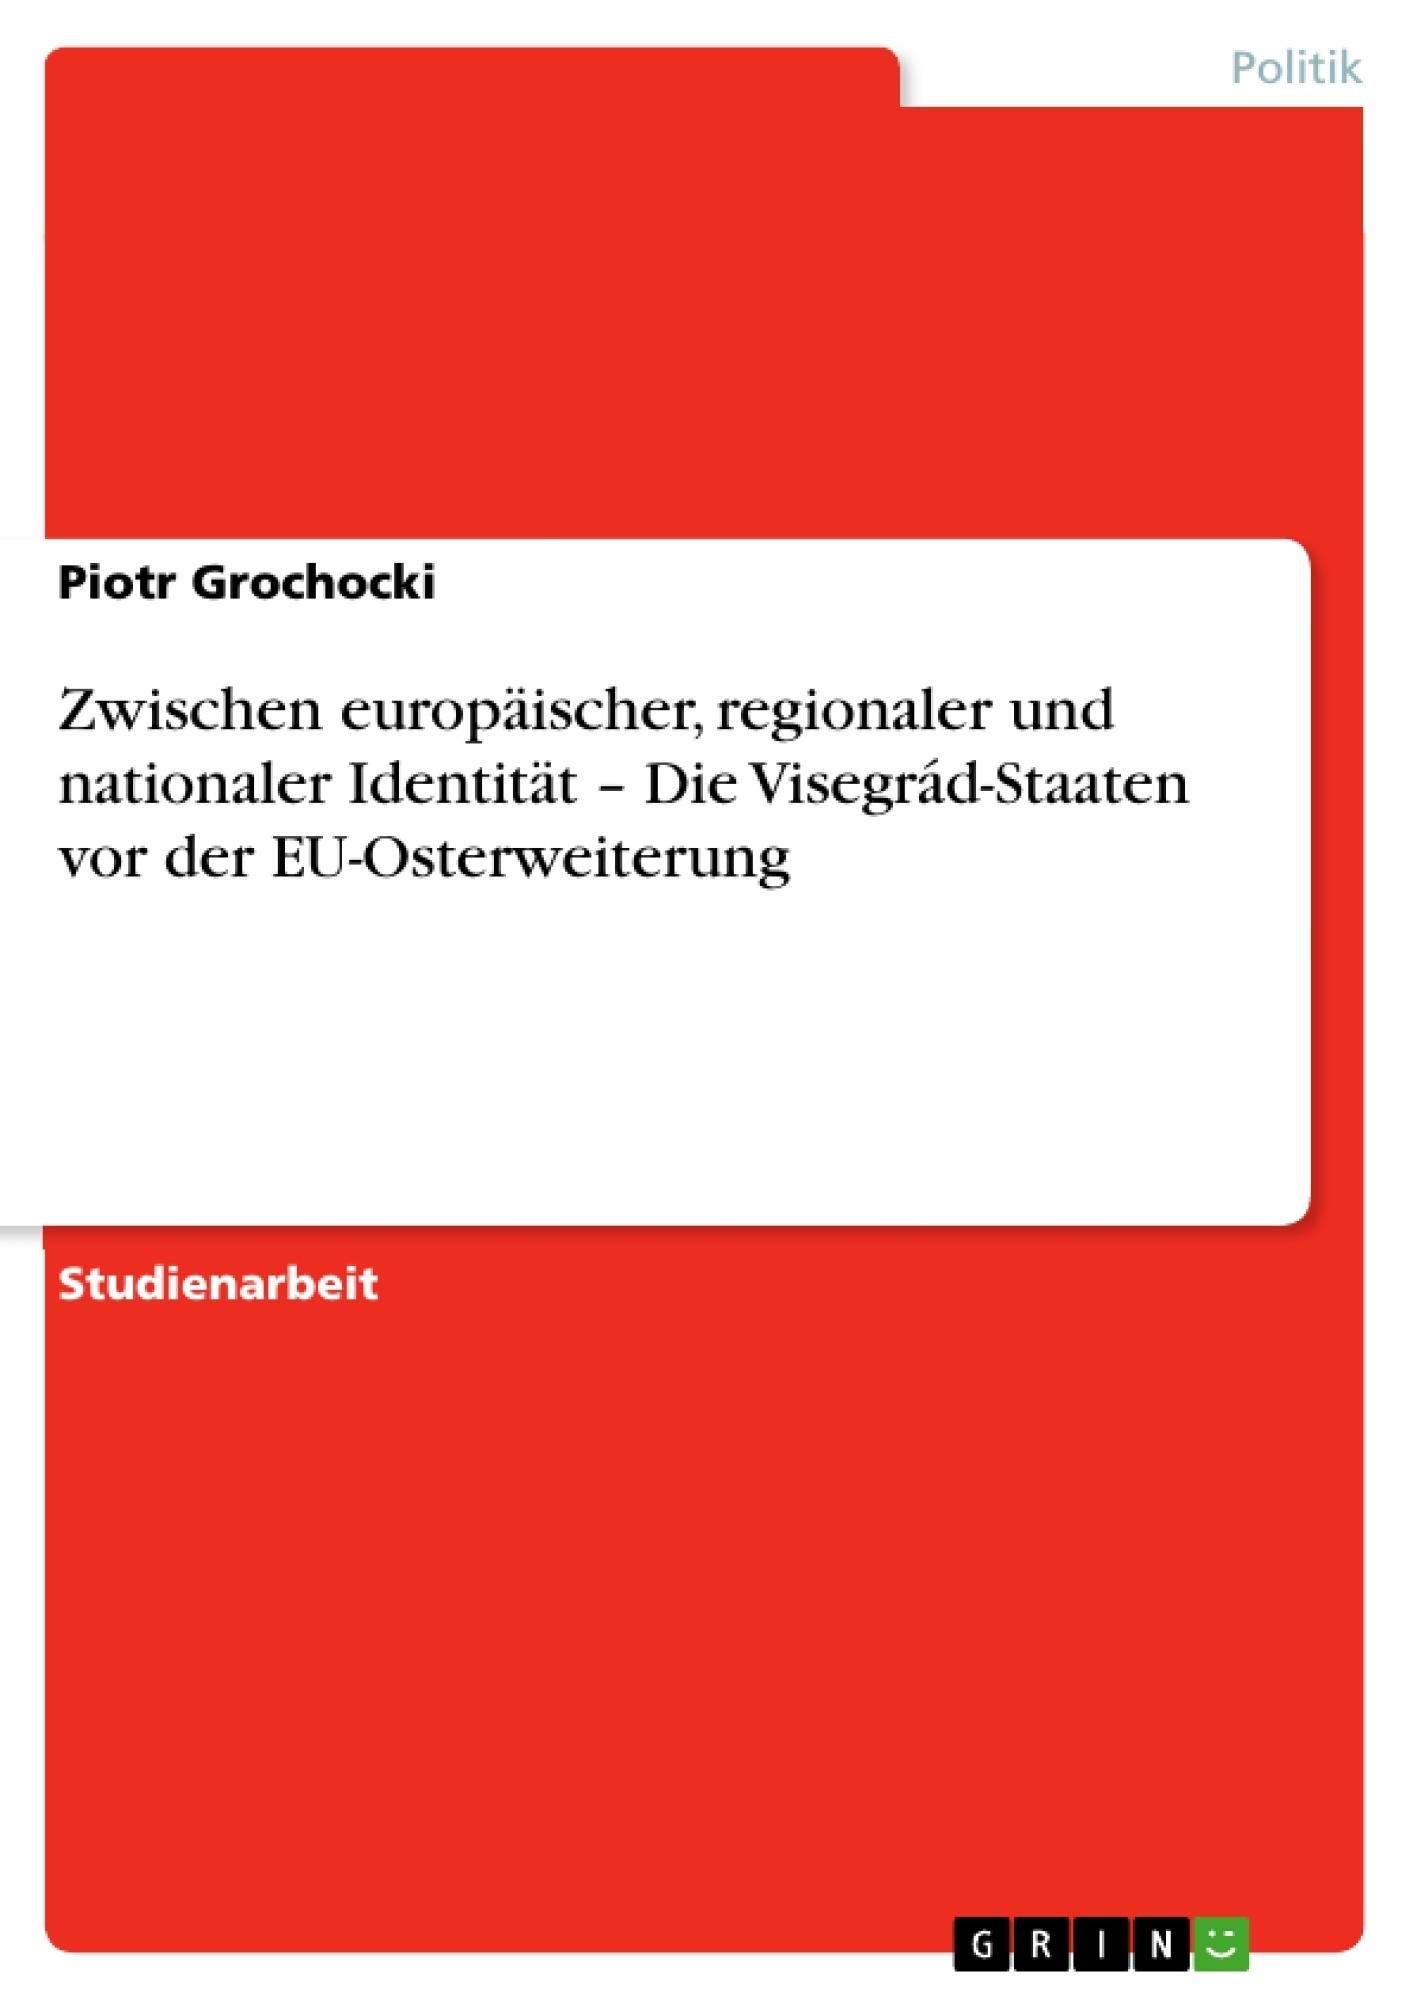 Titel: Zwischen europäischer, regionaler und nationaler Identität – Die Visegrád-Staaten vor der EU-Osterweiterung